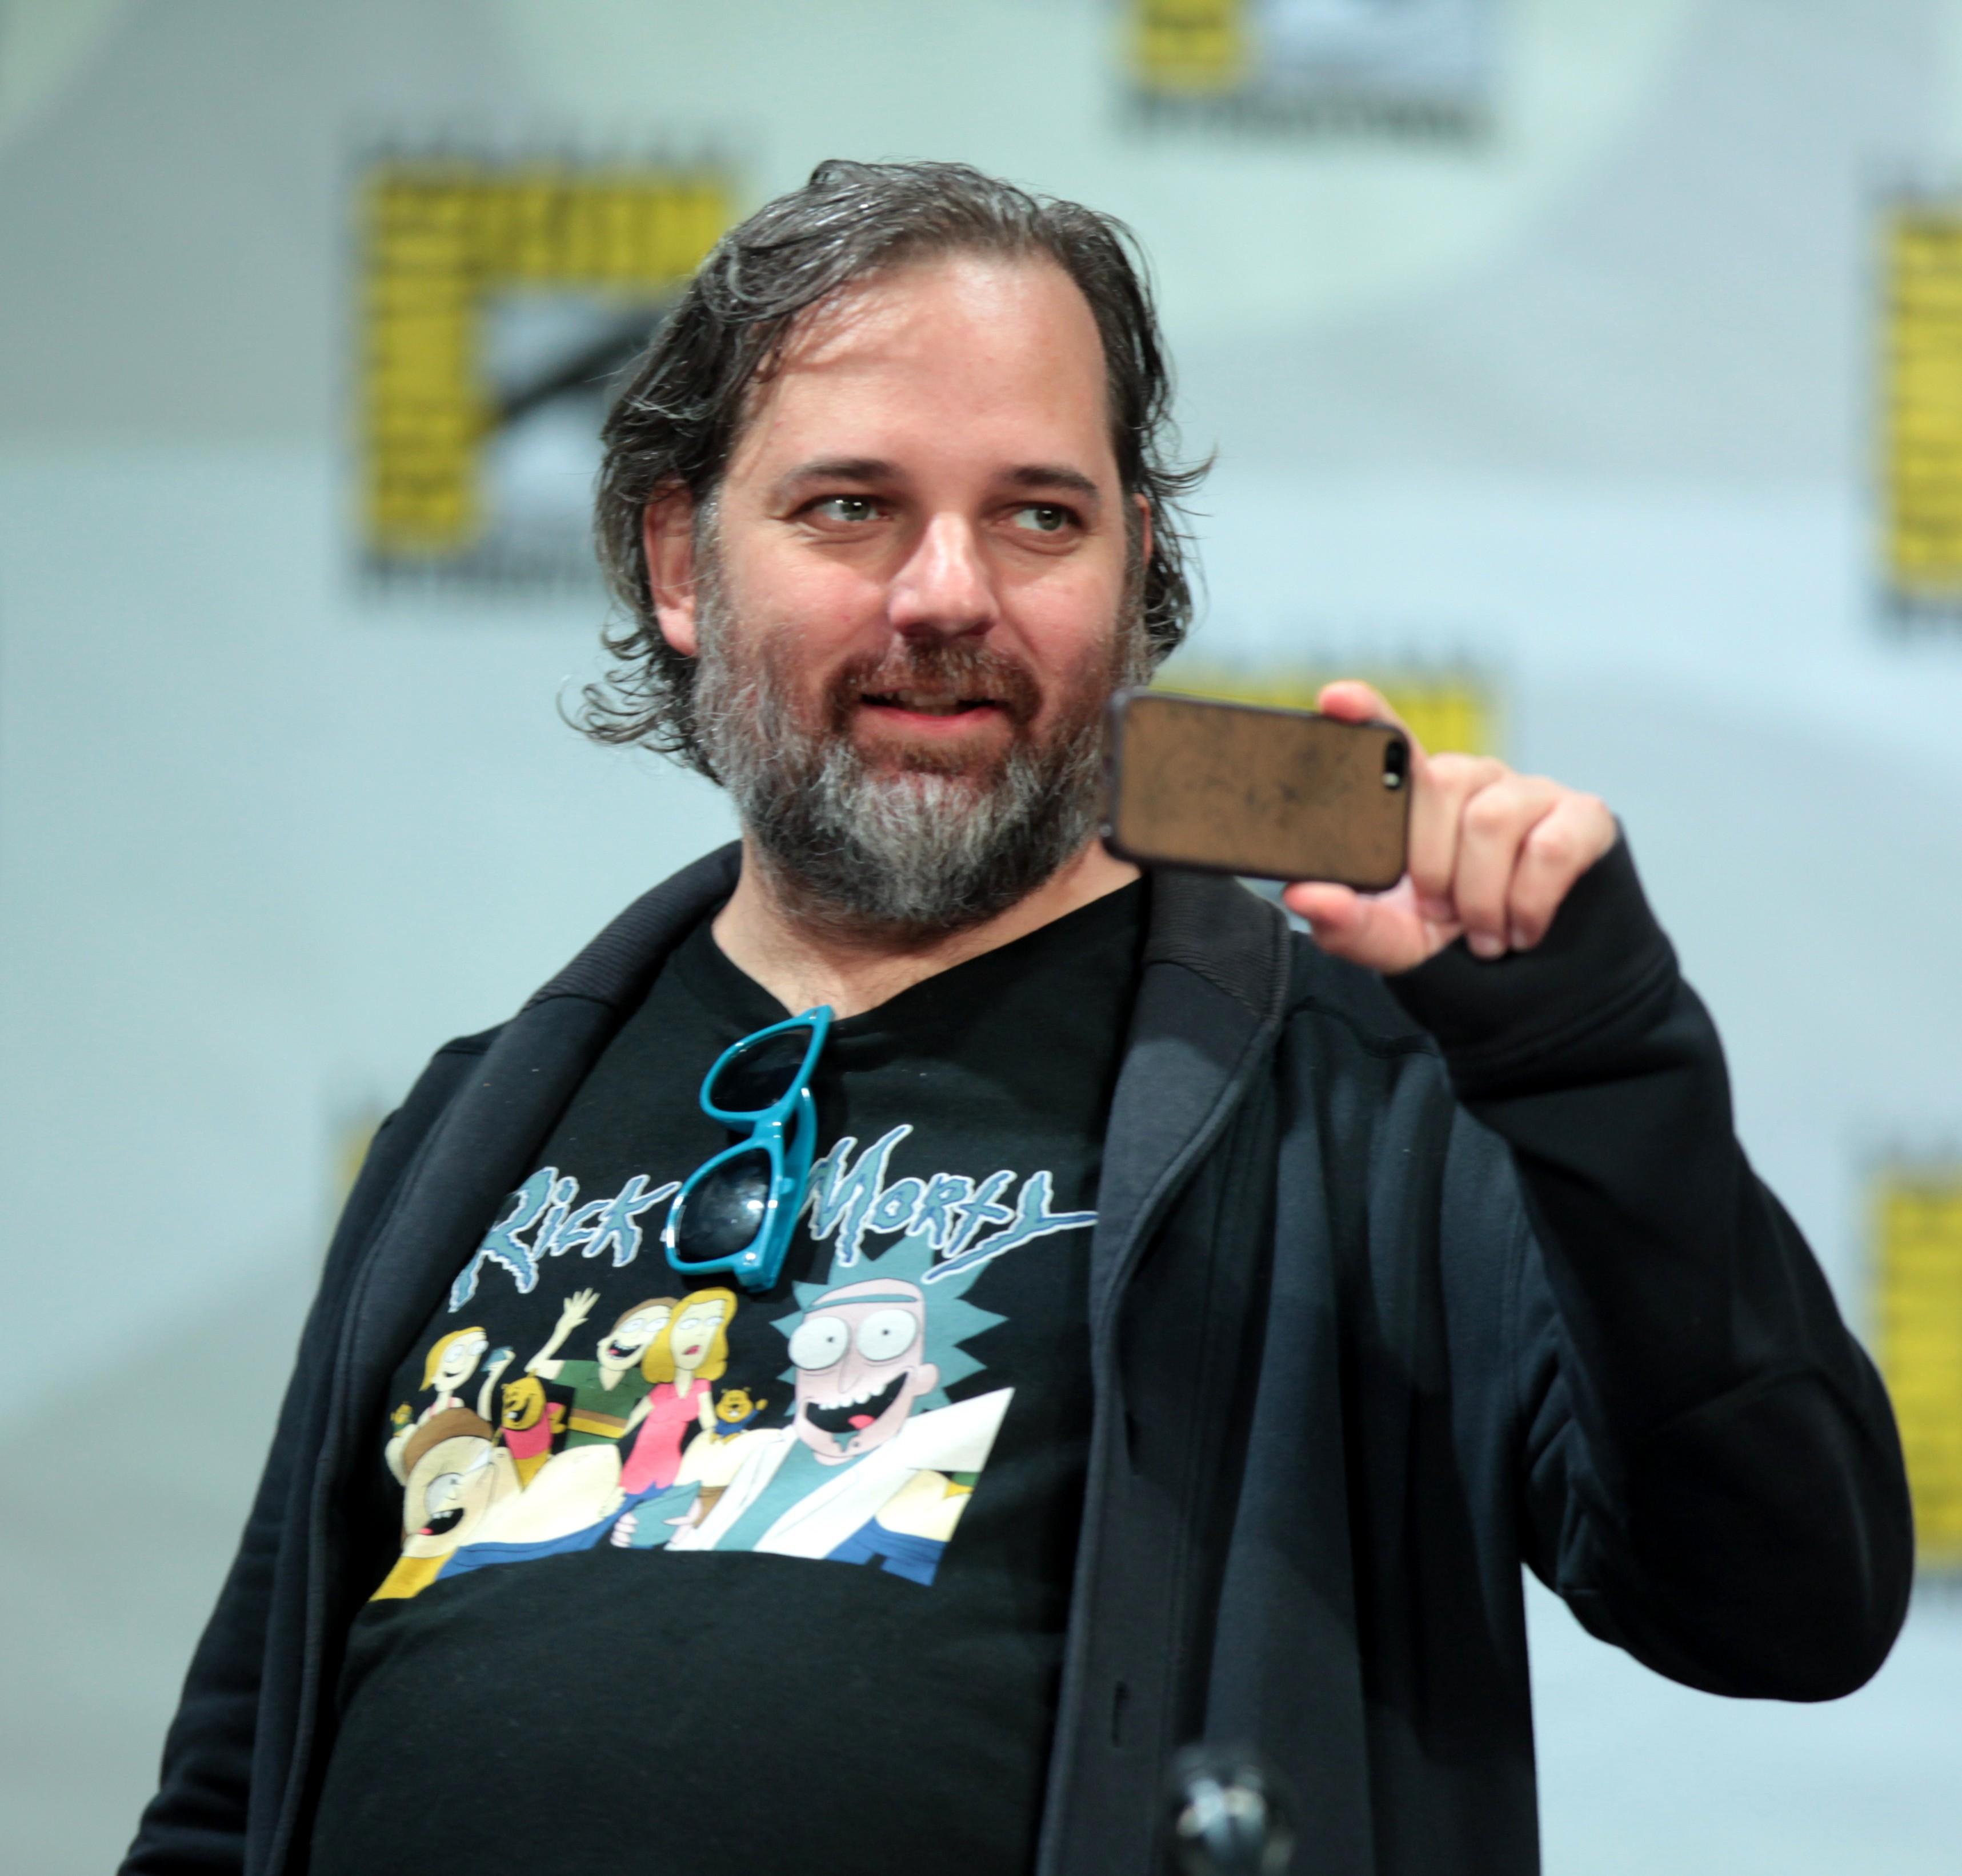 Dan Harmon em painel da Comic Con em San Diego, nos Estados Unidos (Foto: Wikimedia/Gage Skidmore)